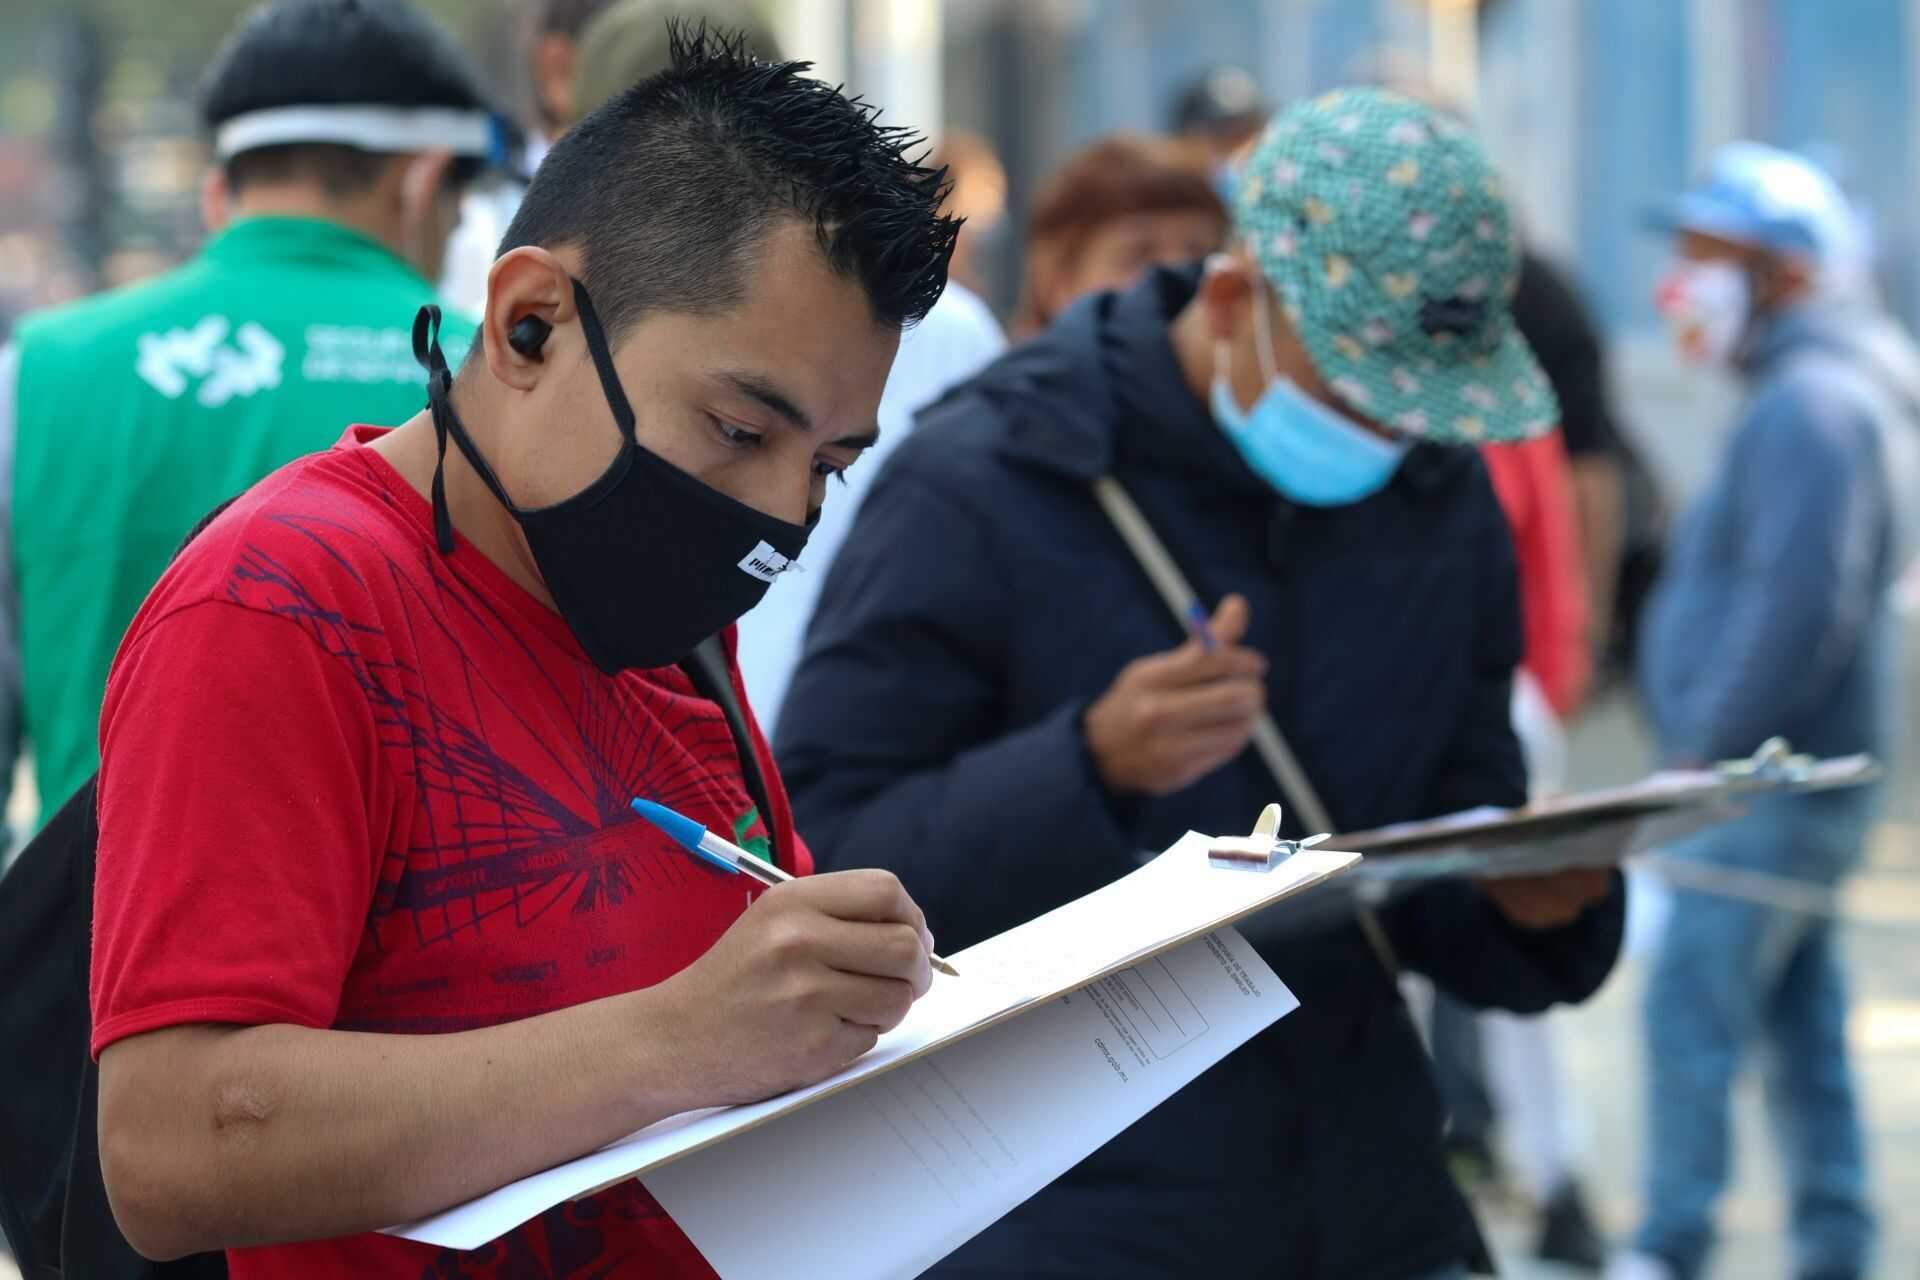 Recuperación del empleo no pinta a mediano plazo; jóvenes los más afectados